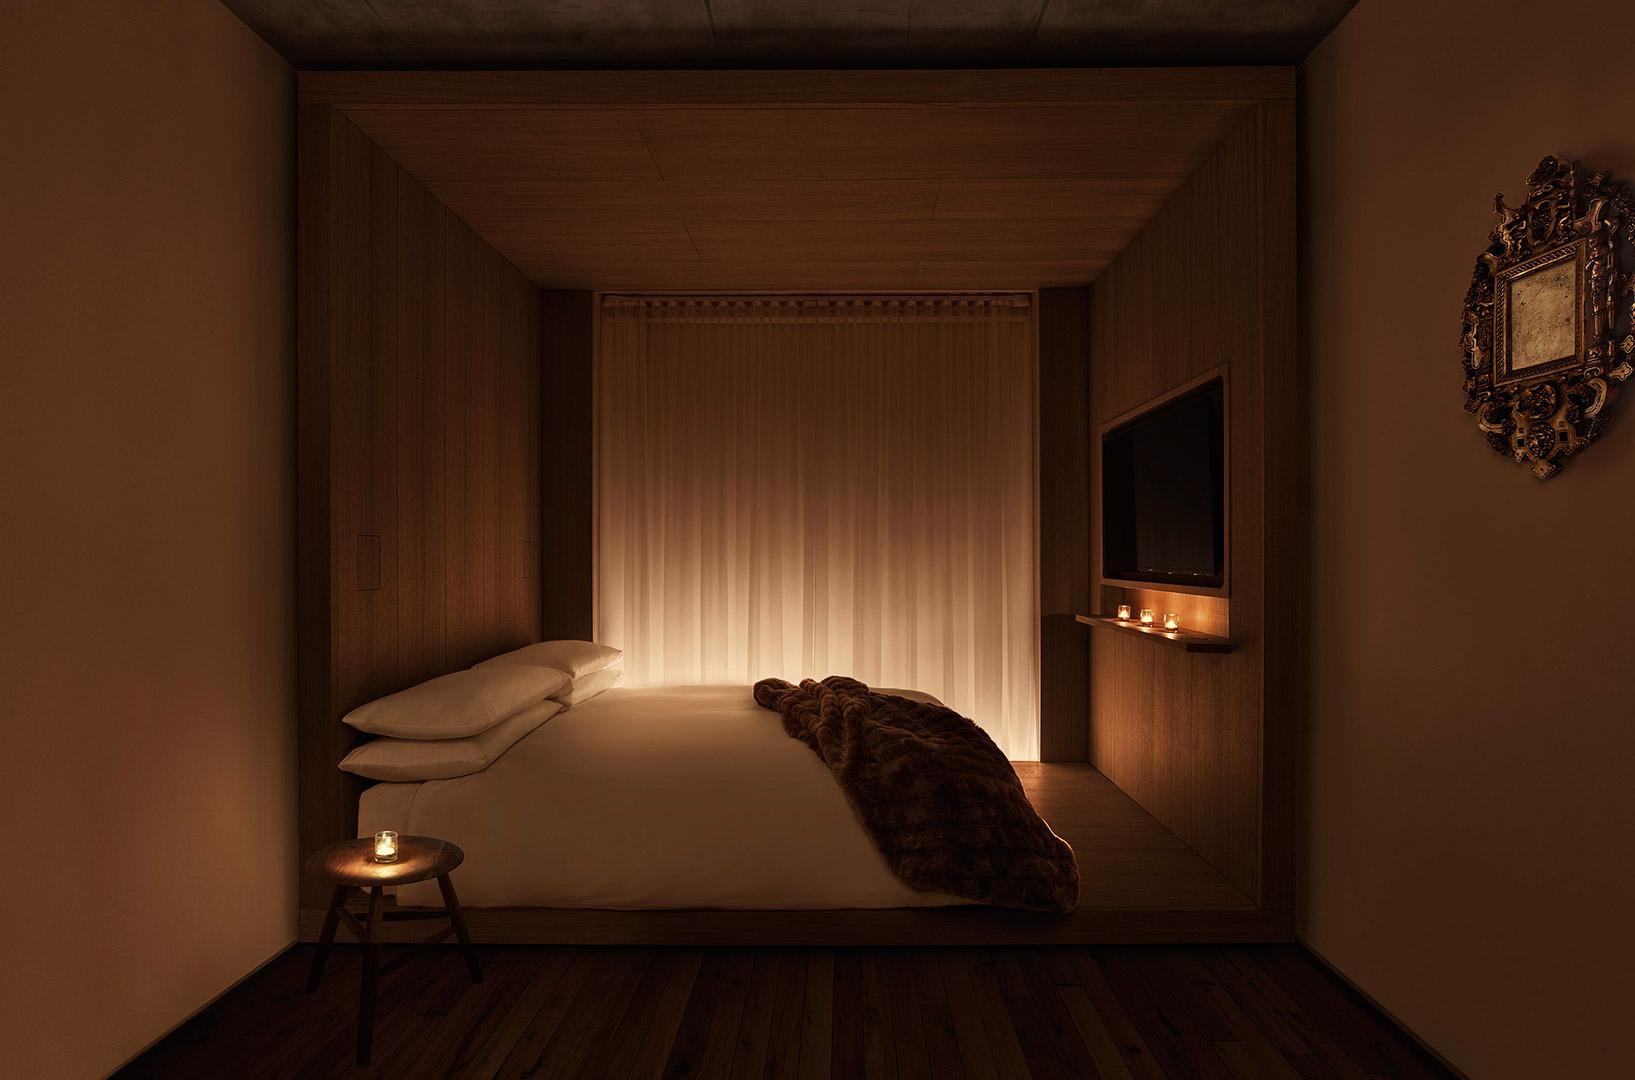 Das wohl angesagteste Hotel in SoHo, NYC: Das Public Hotel von Studio 54-Gründer Ian Schrager 10